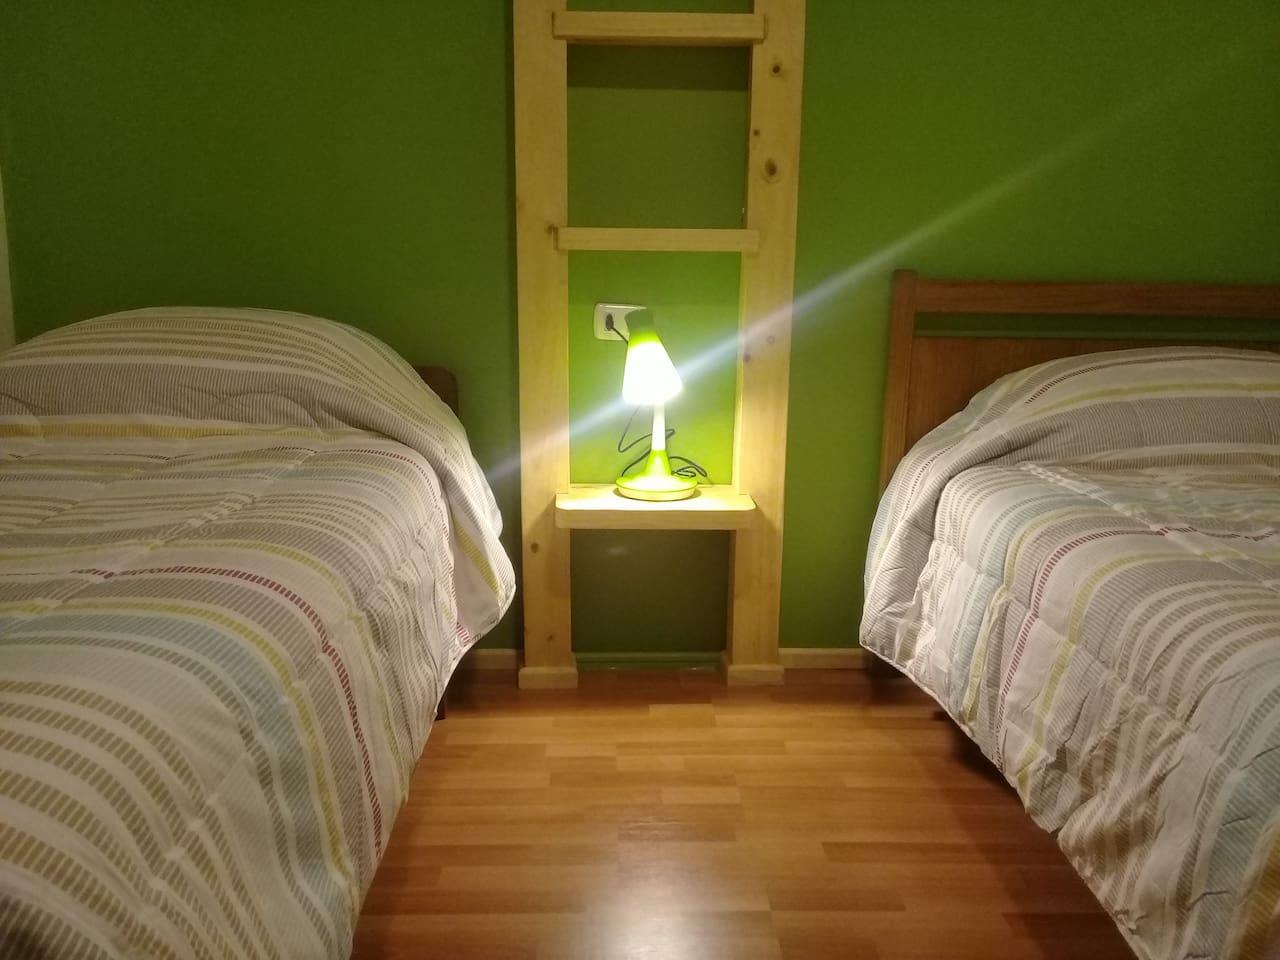 habitacion nueva y dos camas